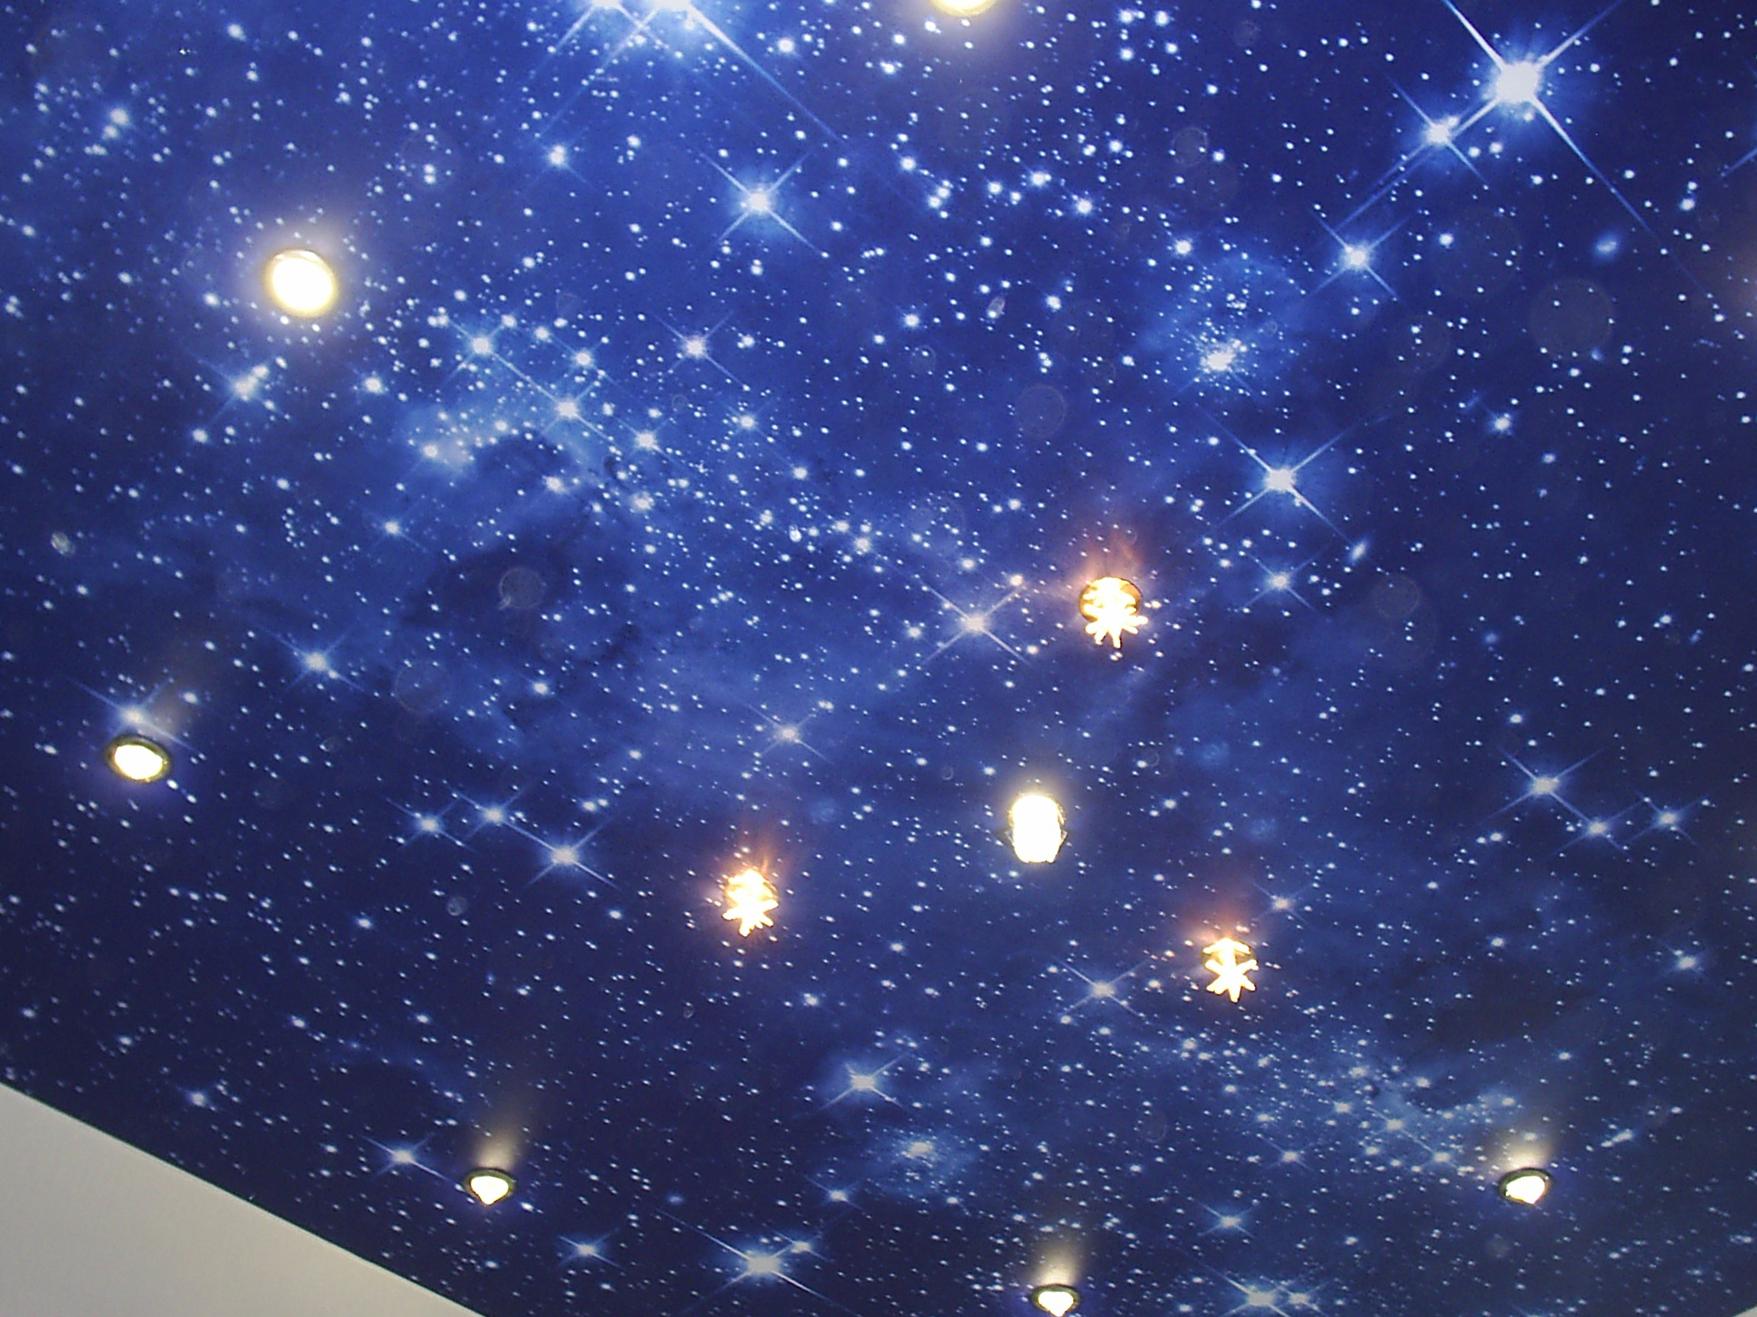 Натяжной потолок со звездами